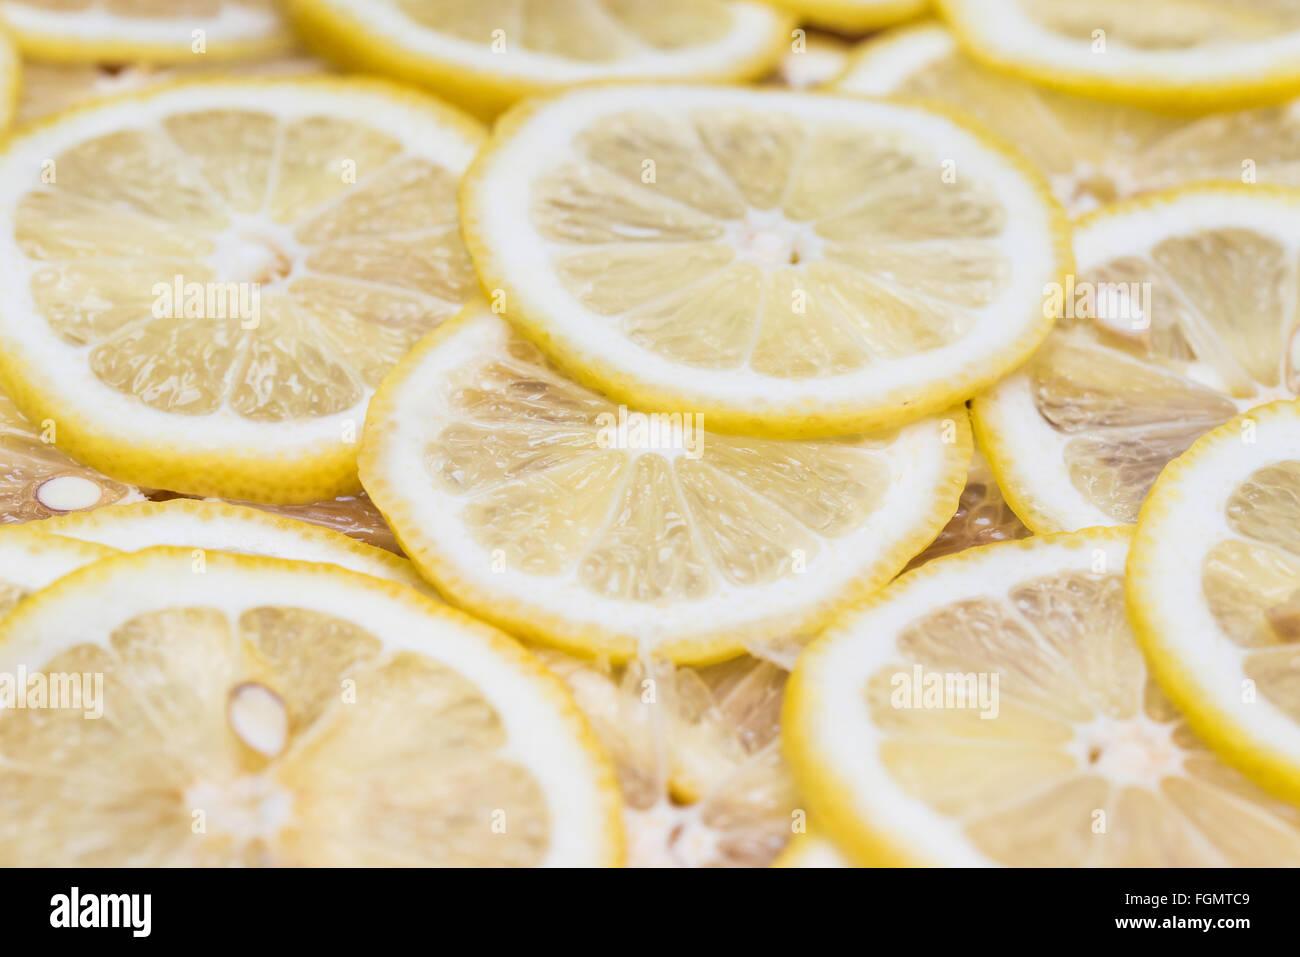 Antecedentes hecha con rodajas de limón Imagen De Stock